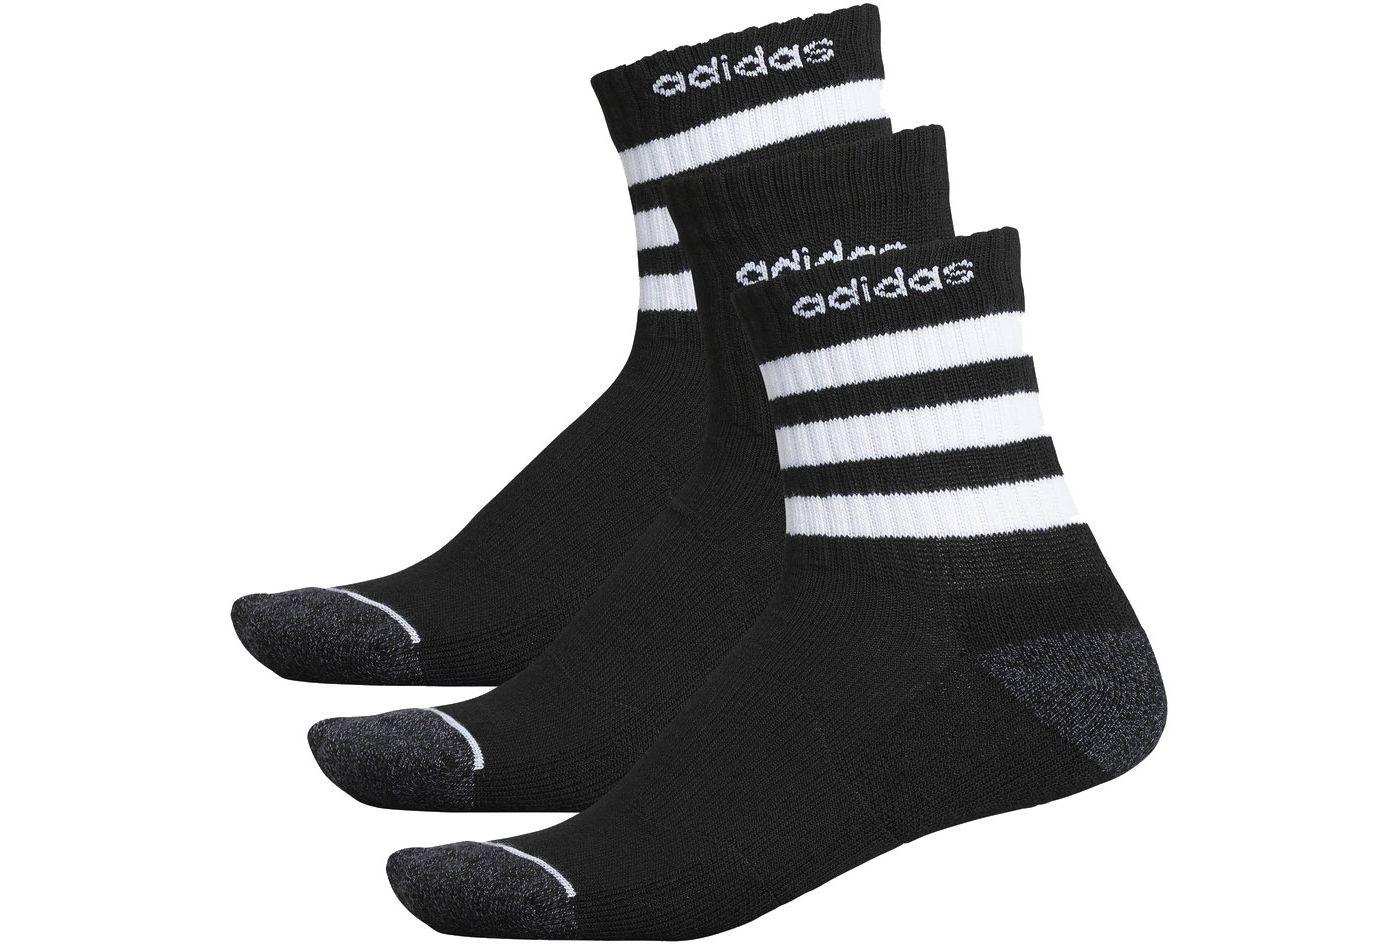 adidas Men's 3-Stripe Quarter Crew Socks - 3 Pack